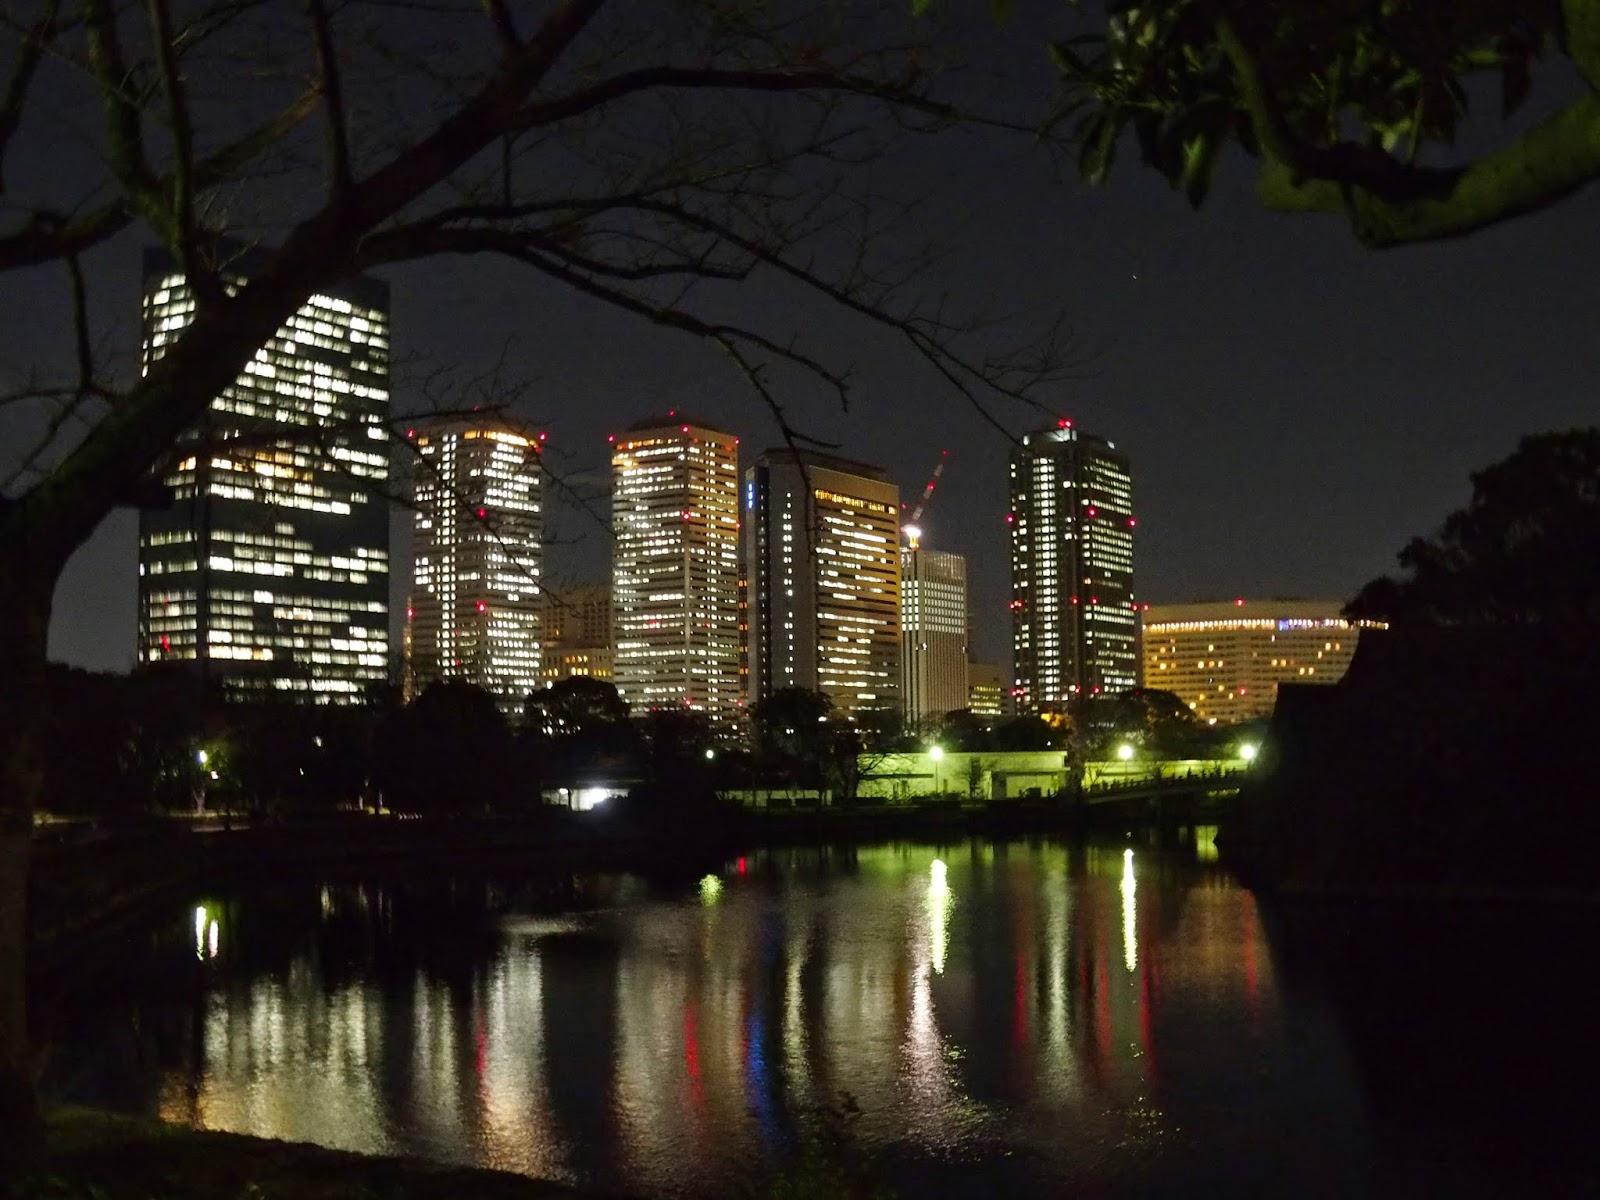 大坂城の外濠に映るビル。